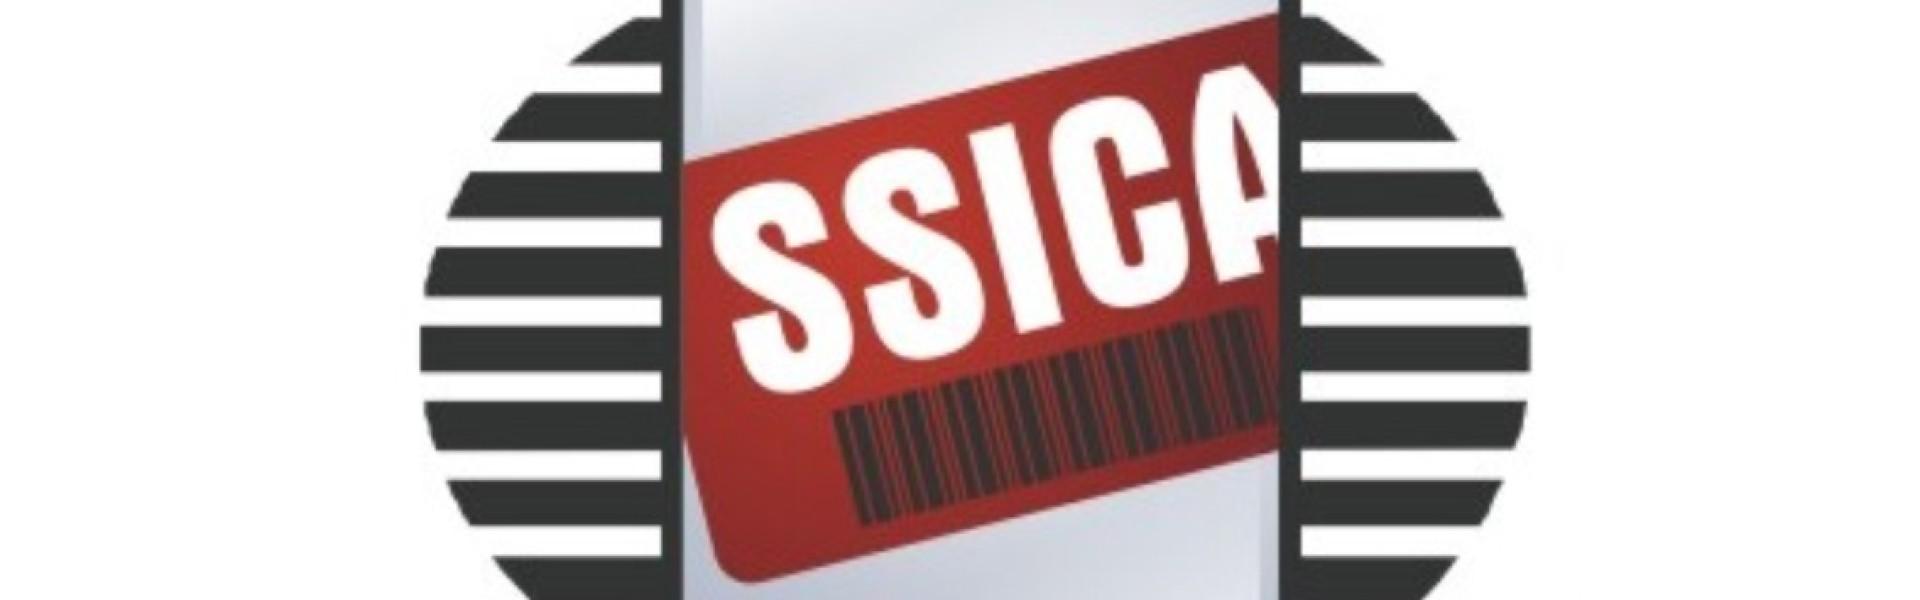 SSICA